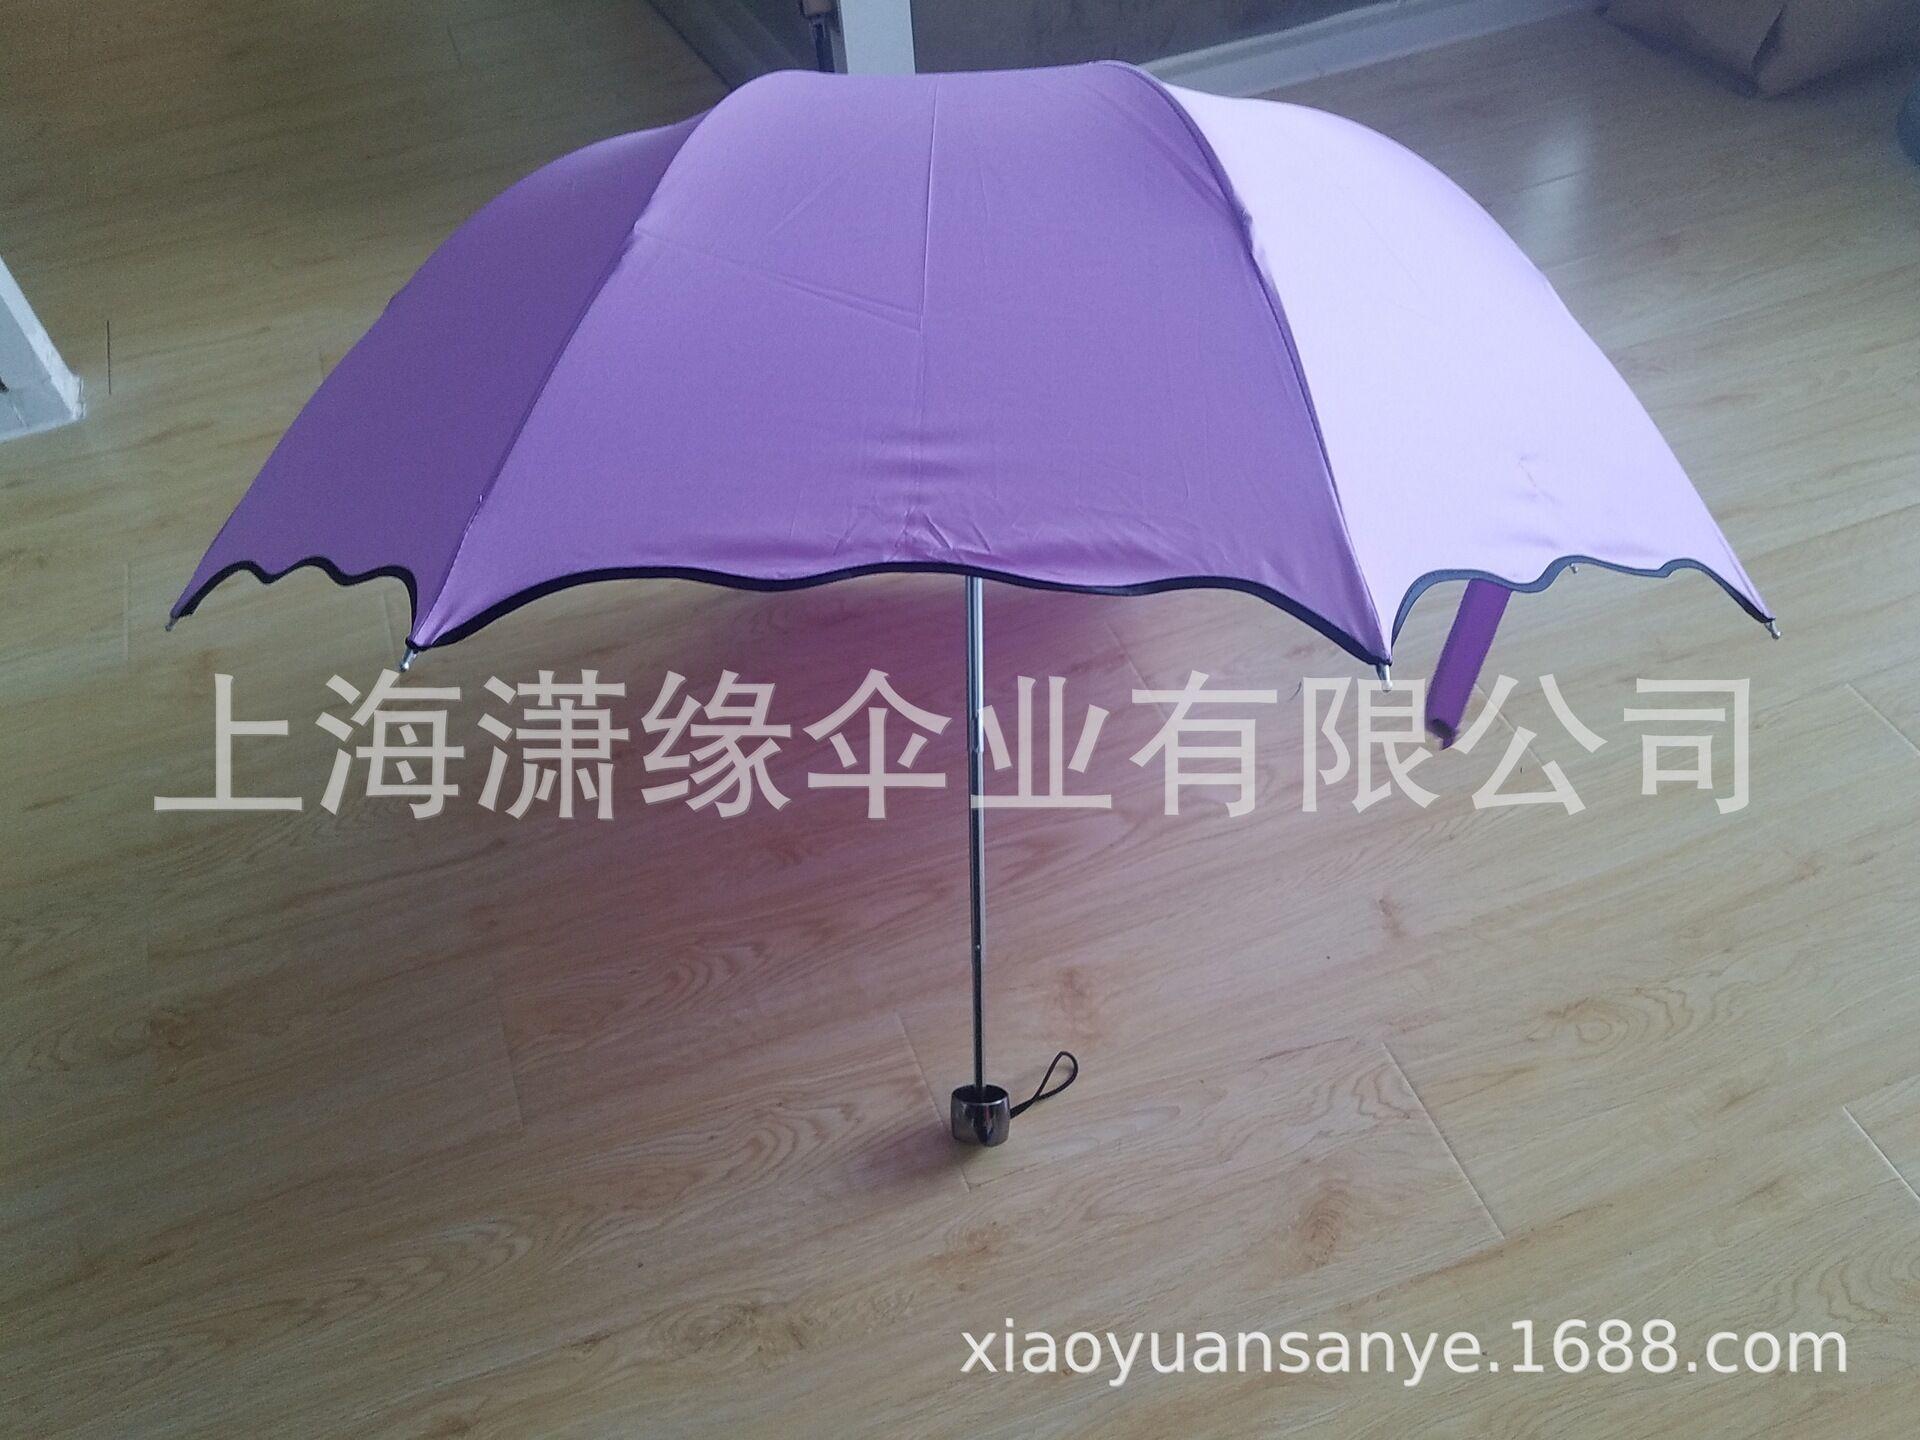 超轻三折遮阳伞、黑胶防紫外线折叠伞、遇水开花太阳伞71597842